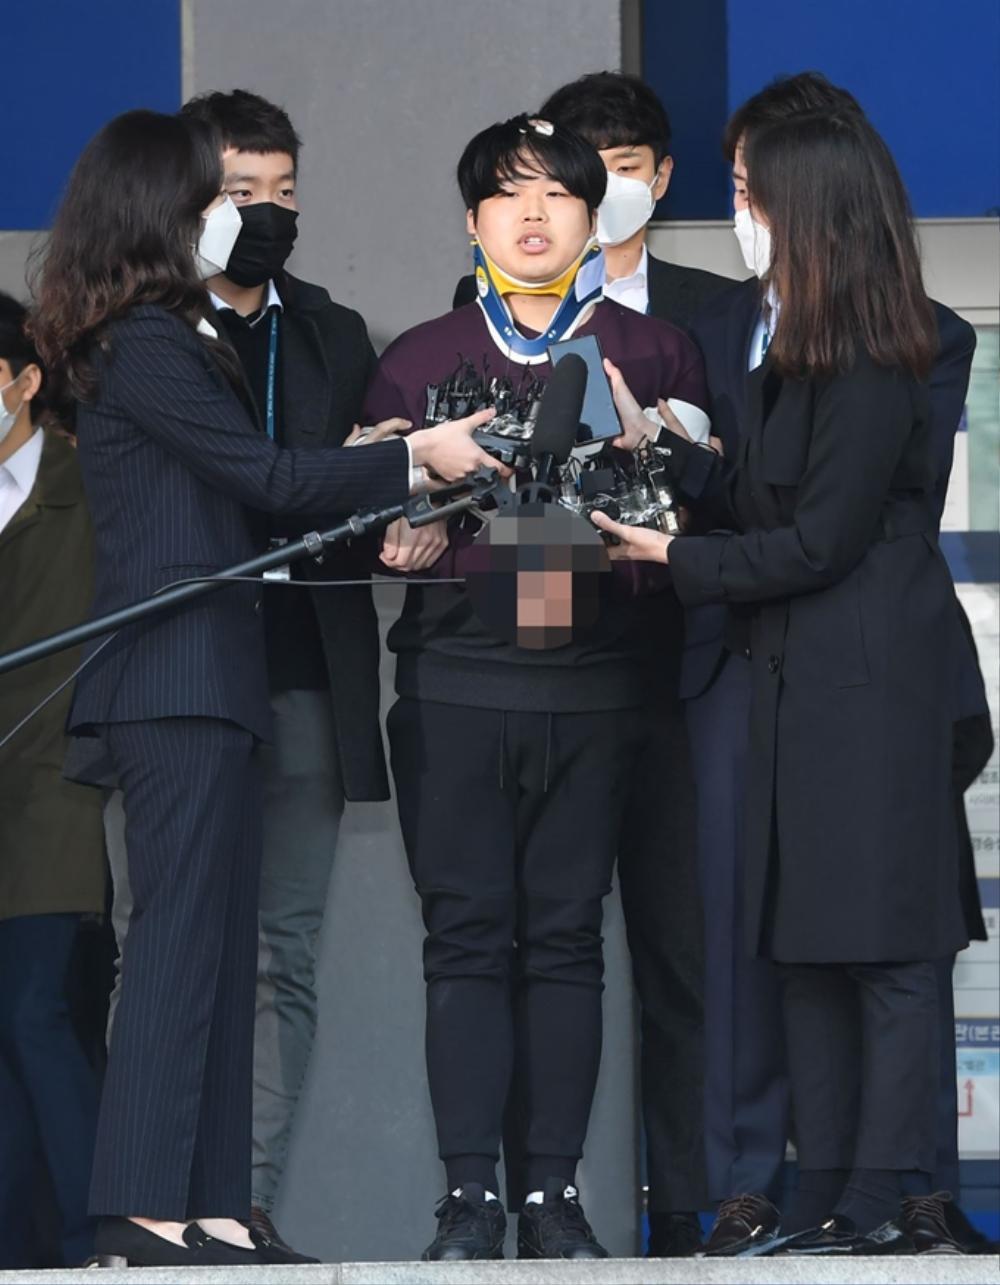 Jo Joo Bin - thủ phạm Phòng chat thứ N bị kết án 40 năm tù: 'Quá nặng, xin xem xét lại' Ảnh 1